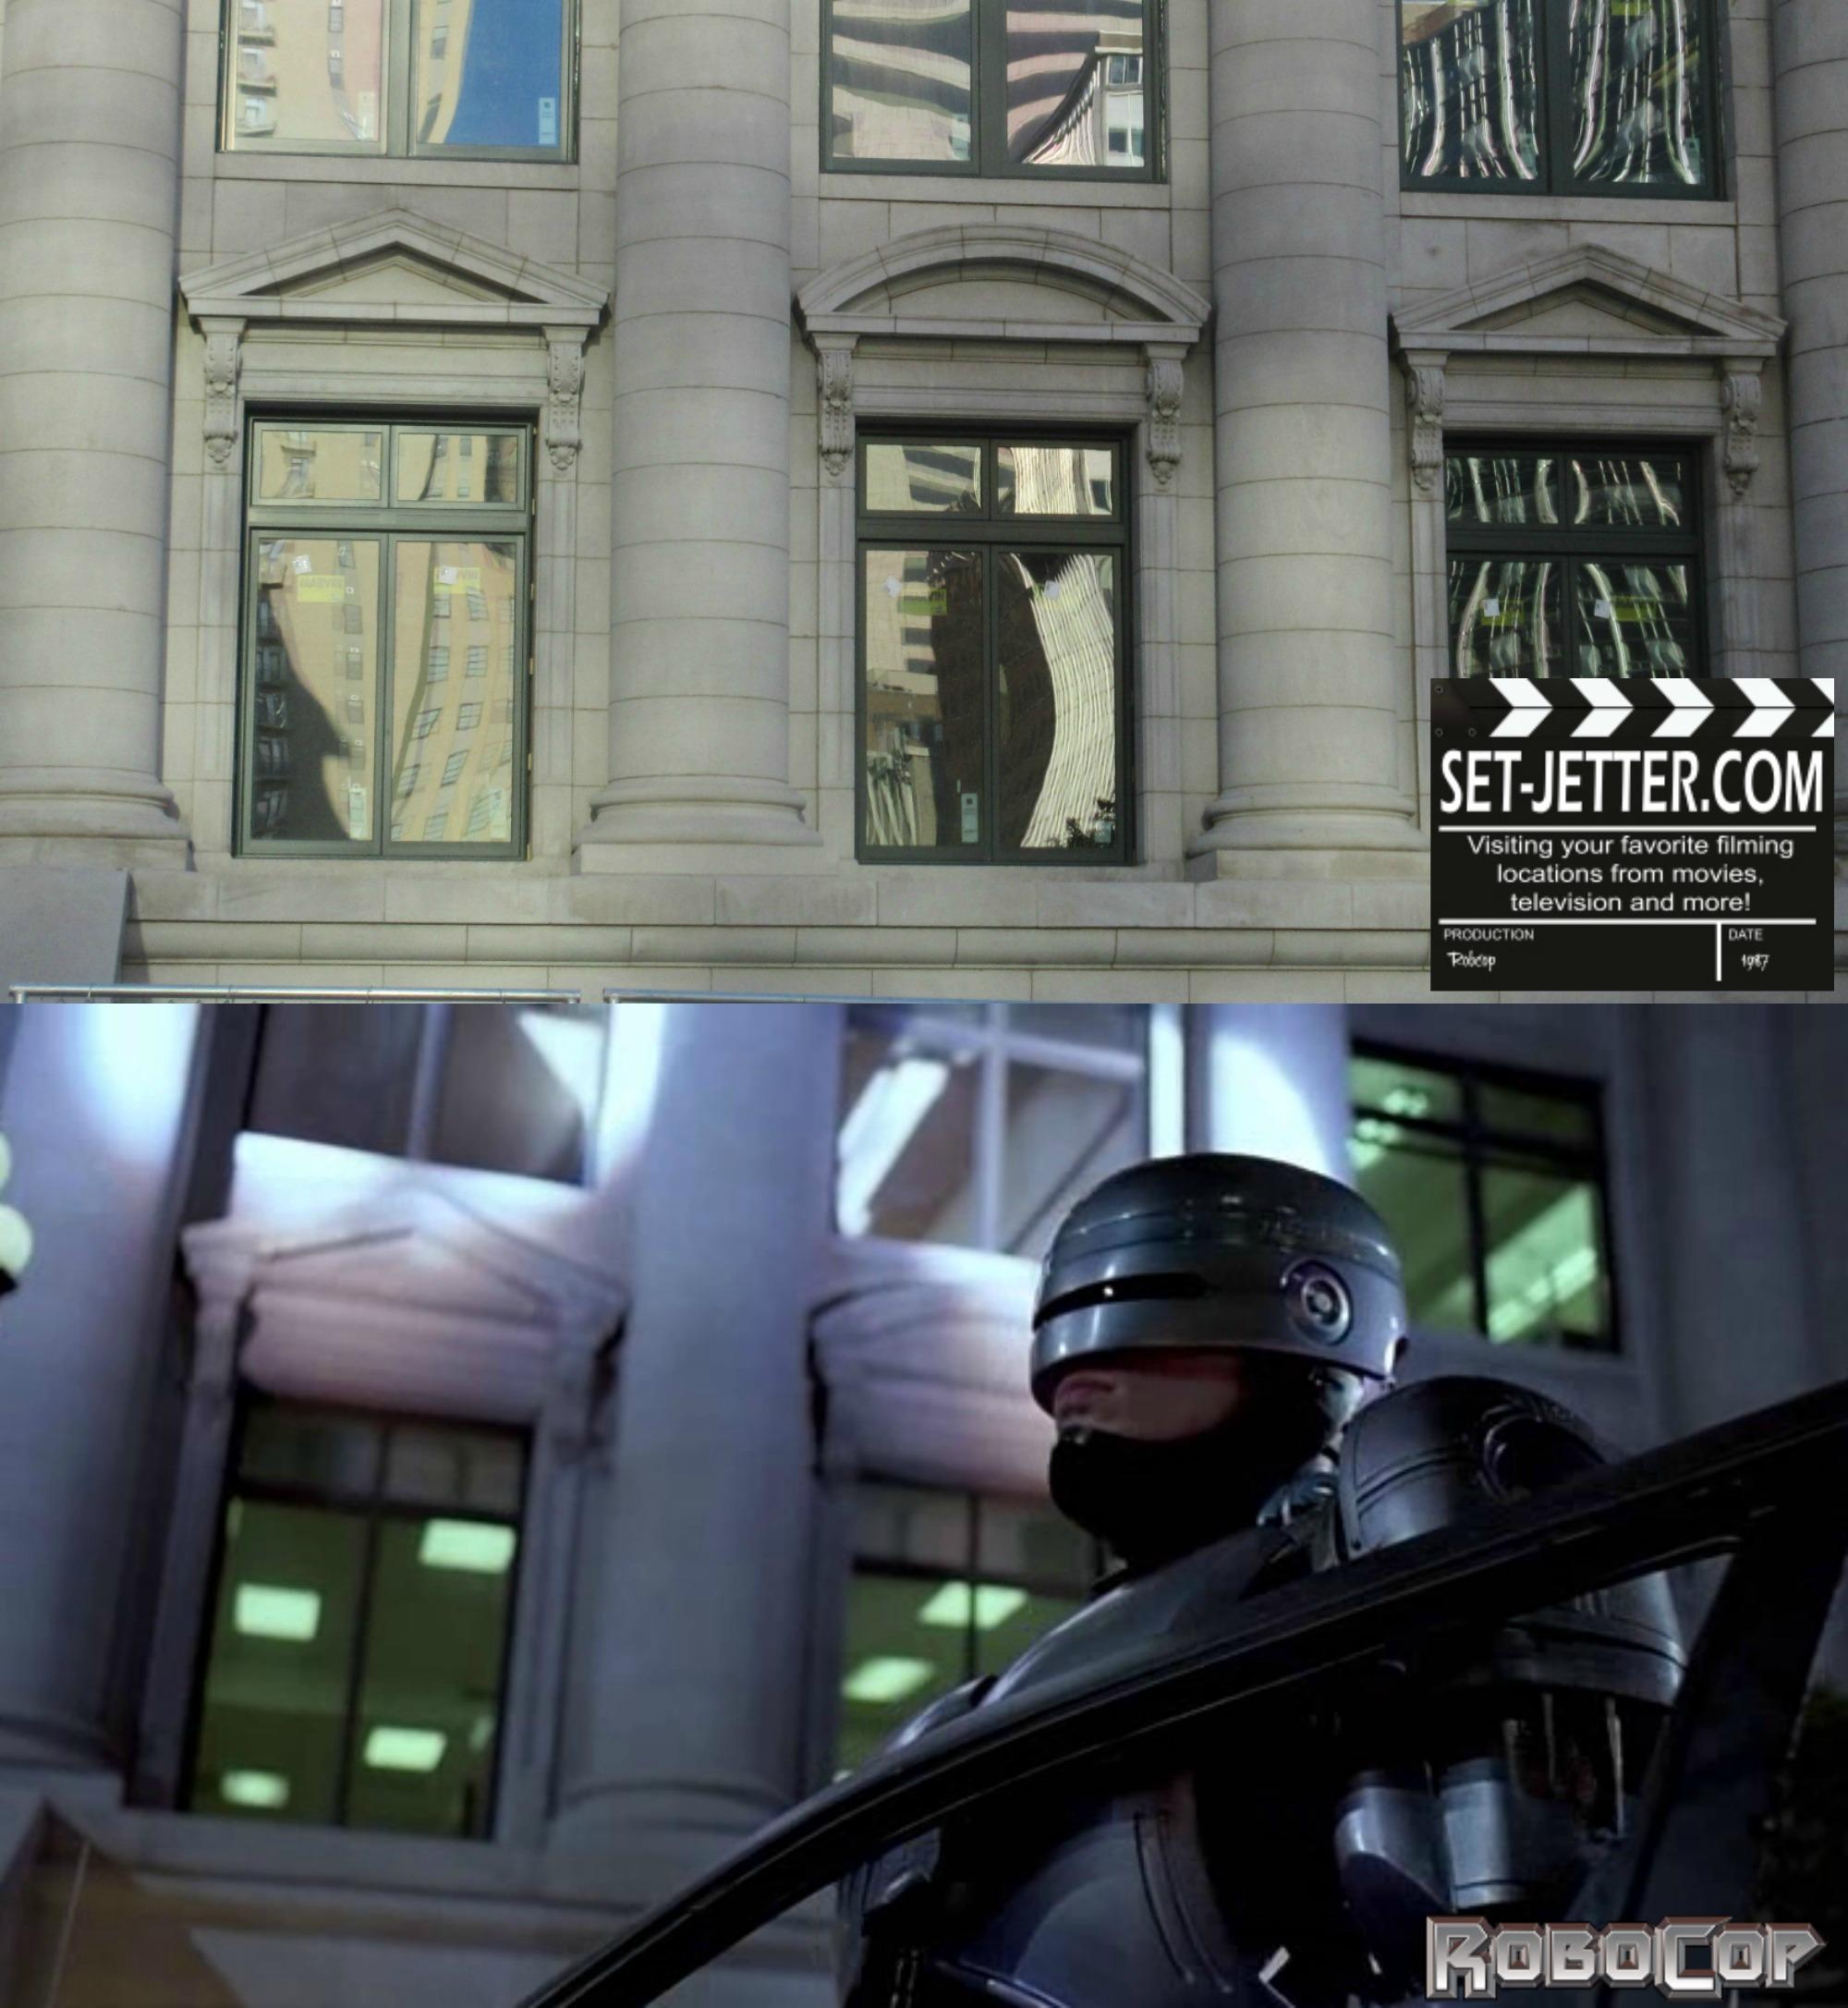 Robocop comparison 81.jpg